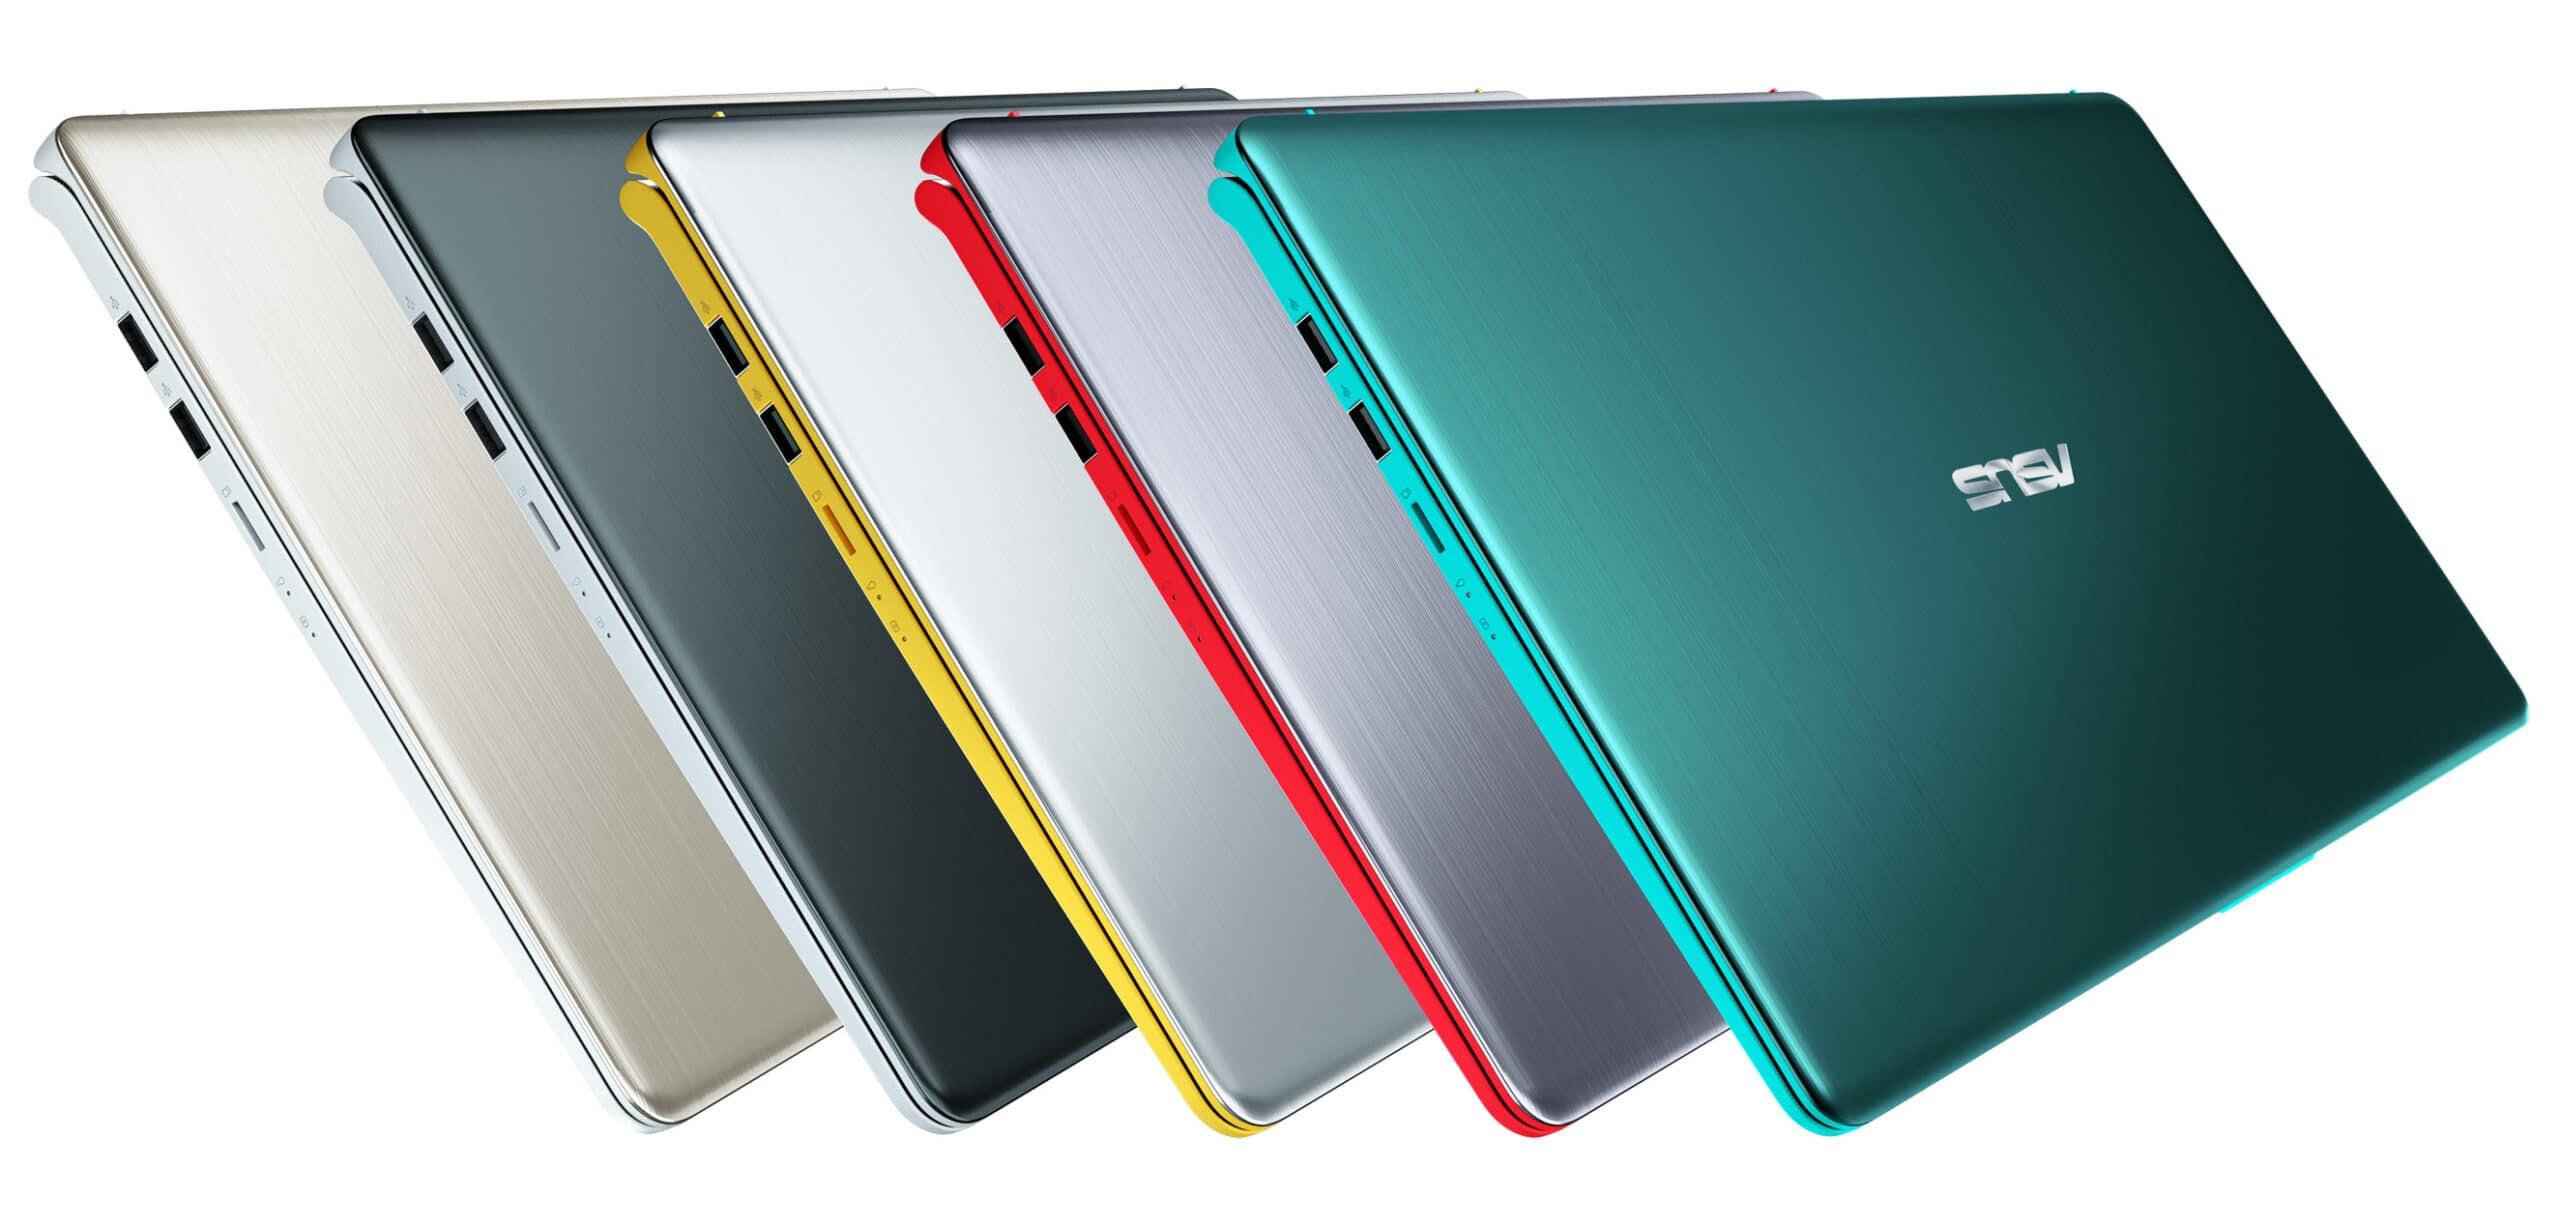 """<span class=""""tagtitre"""">Computex 2018 - </span>Asus VivoBook S, ultrabook 14"""" et 15"""" aux coloris pop"""